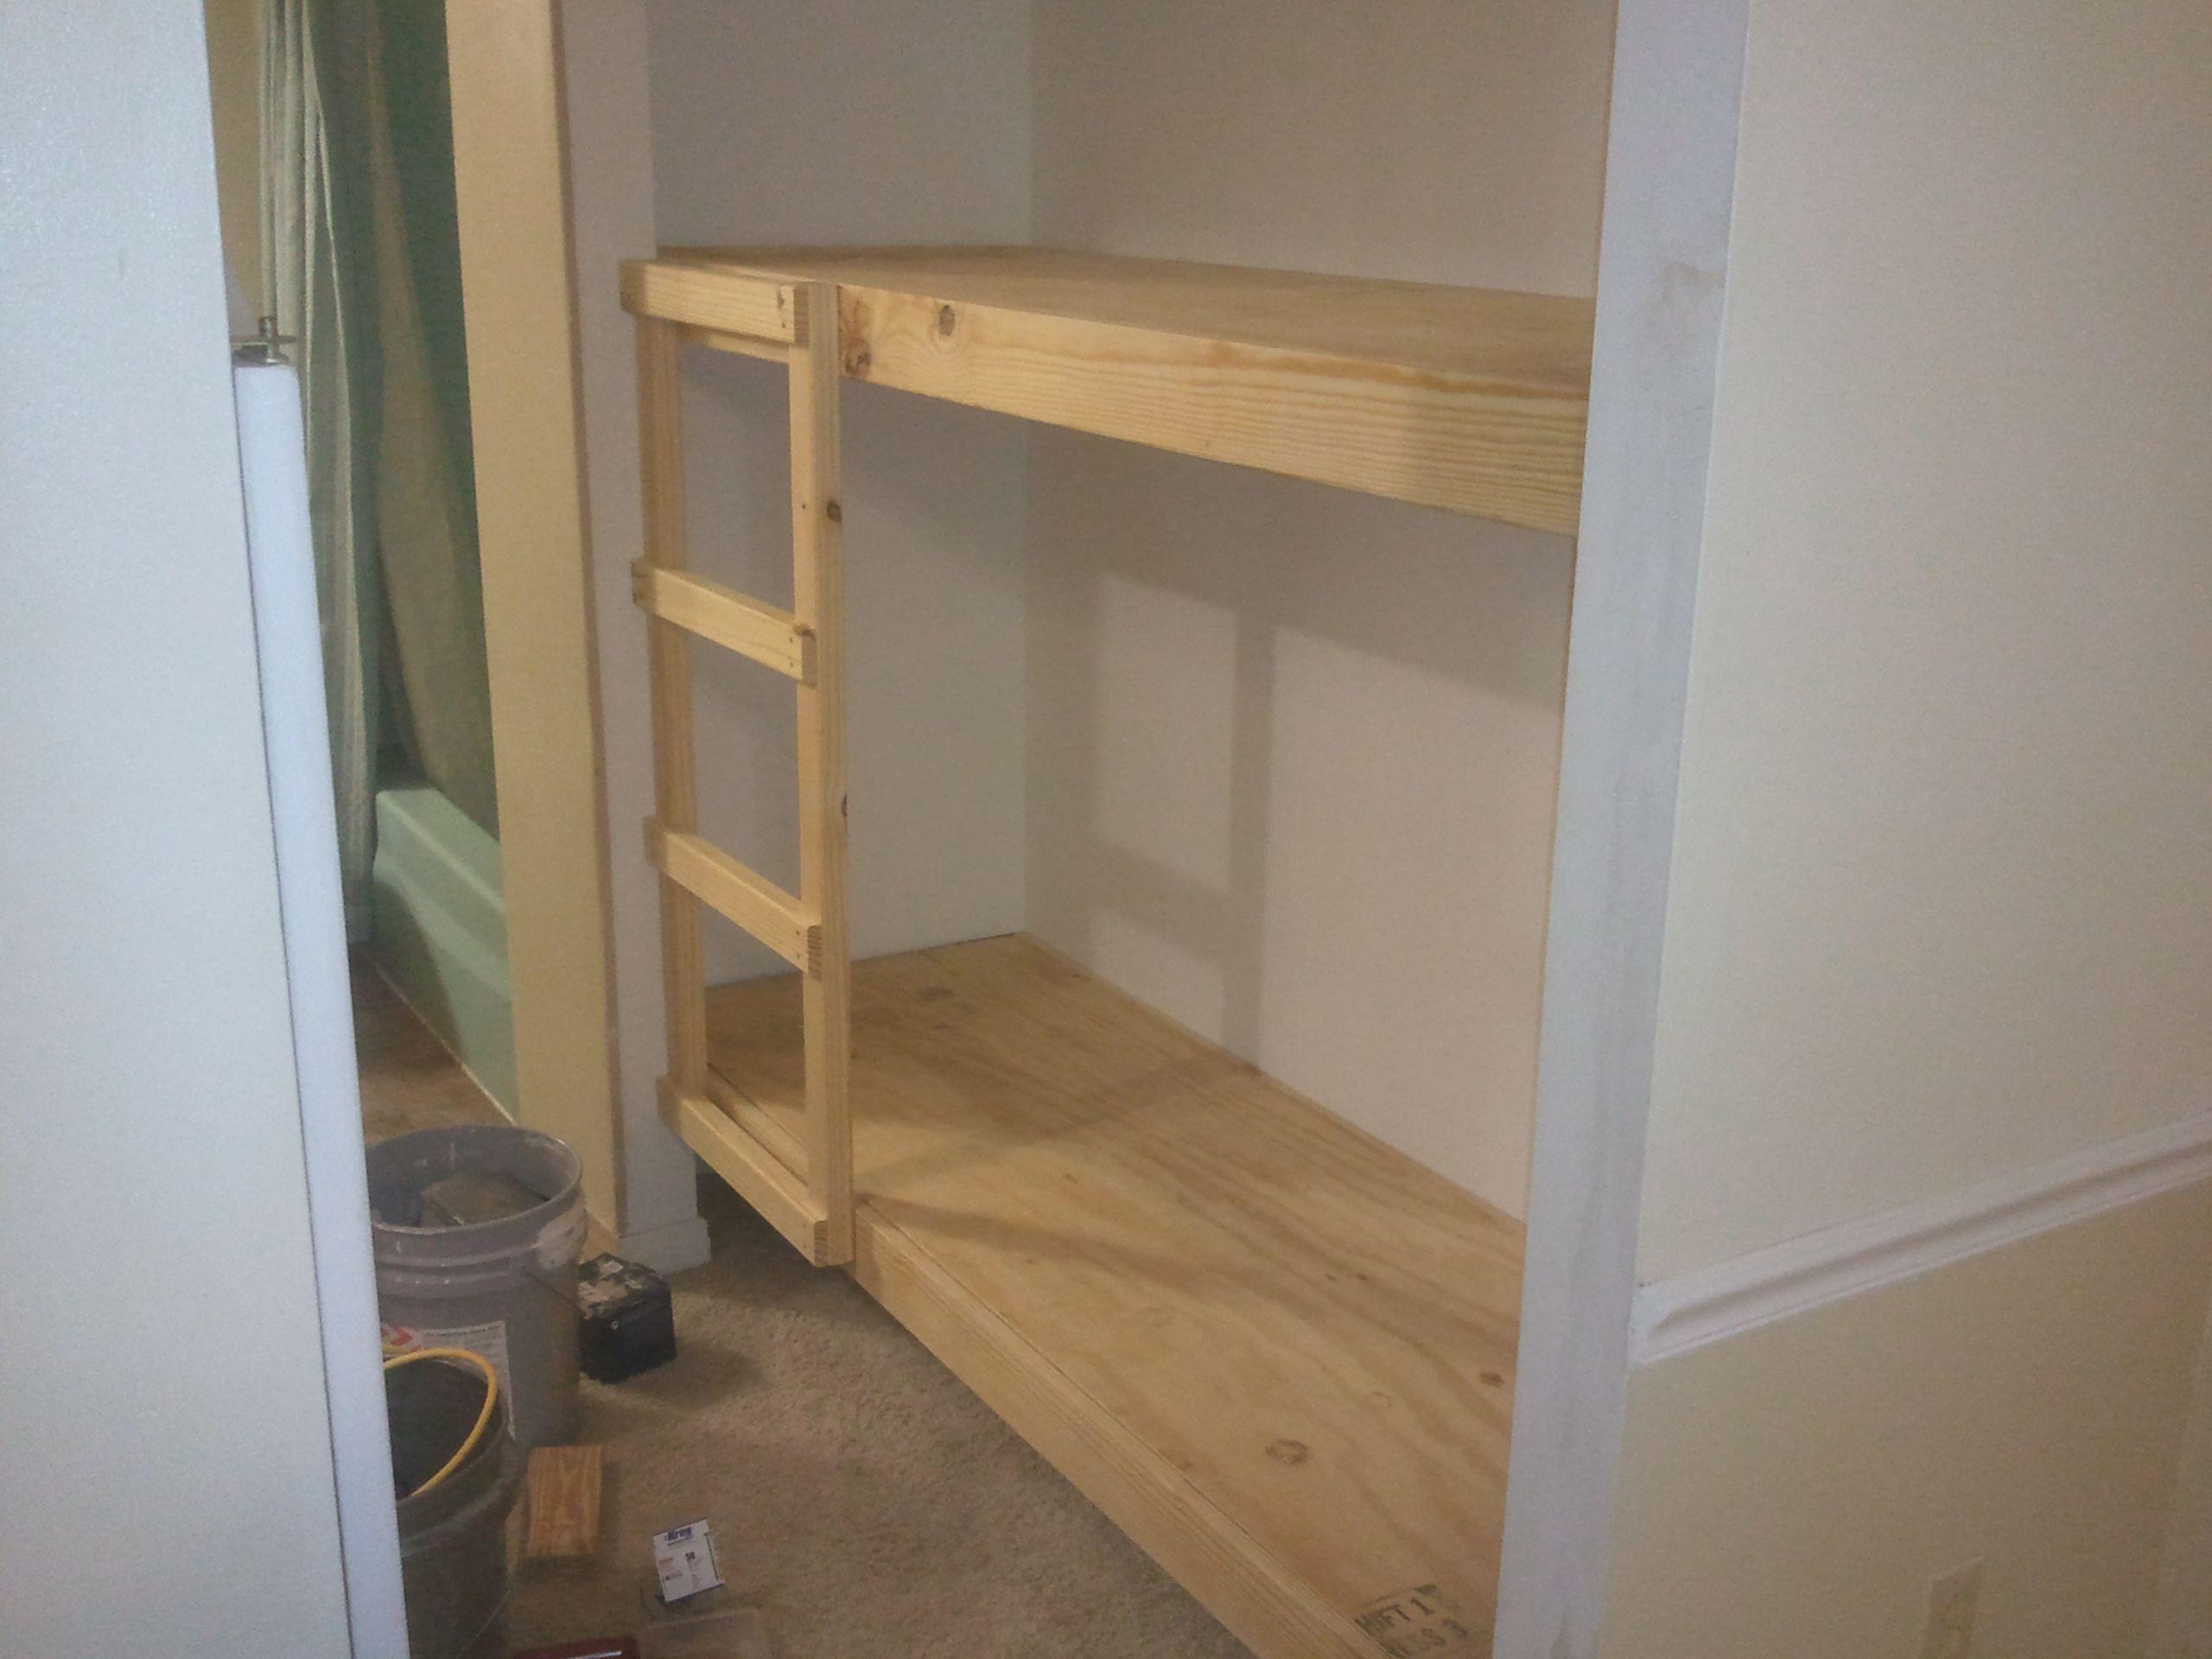 Etagenbett In Wohnwagen Einbauen : Built in bunk bed and u celf bedsu d furniture diy